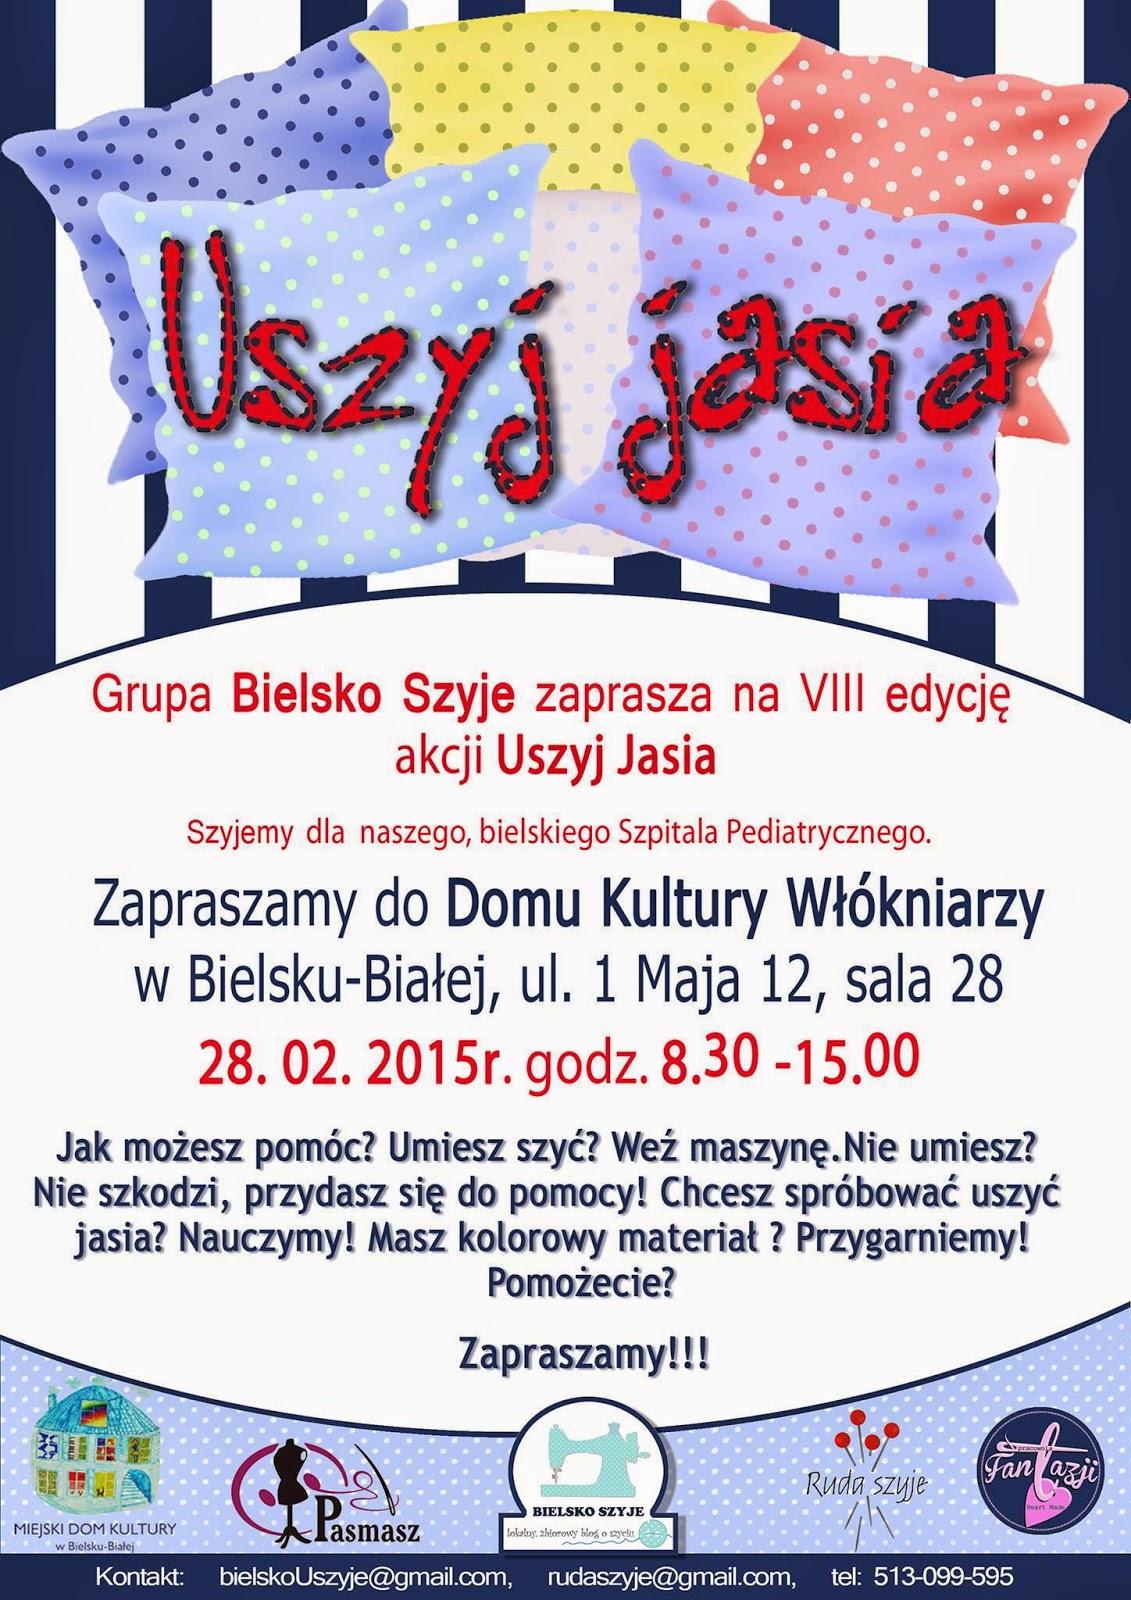 http://bielskoszyje.blogspot.com/search?updated-max=2015-02-10T01:46:00-08:00&max-results=2